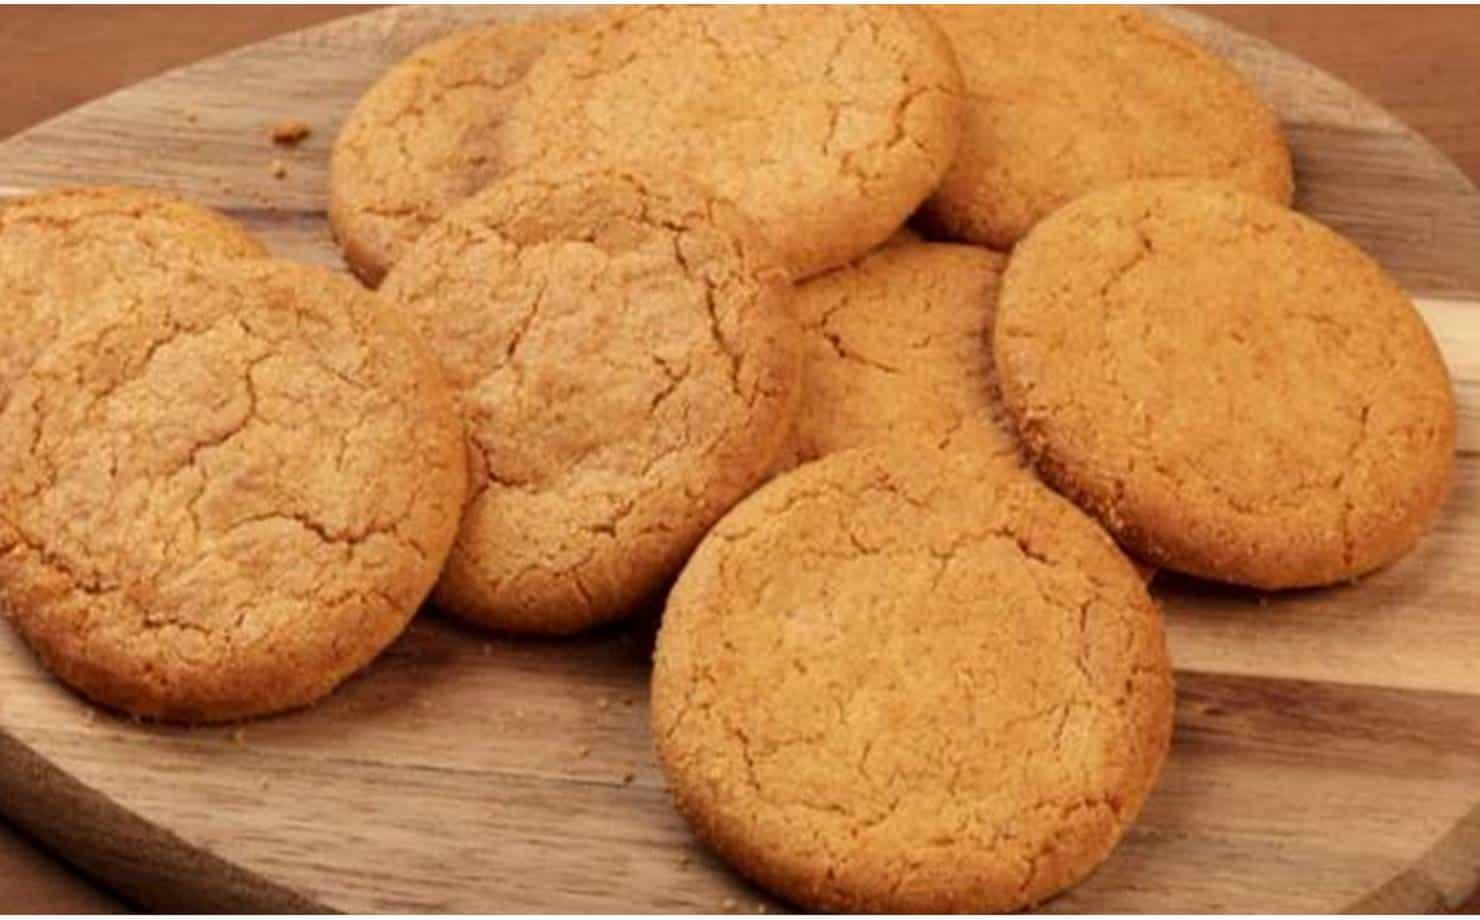 Biscoitos de Gengibre e Mel expostos em uma tábua na mesa